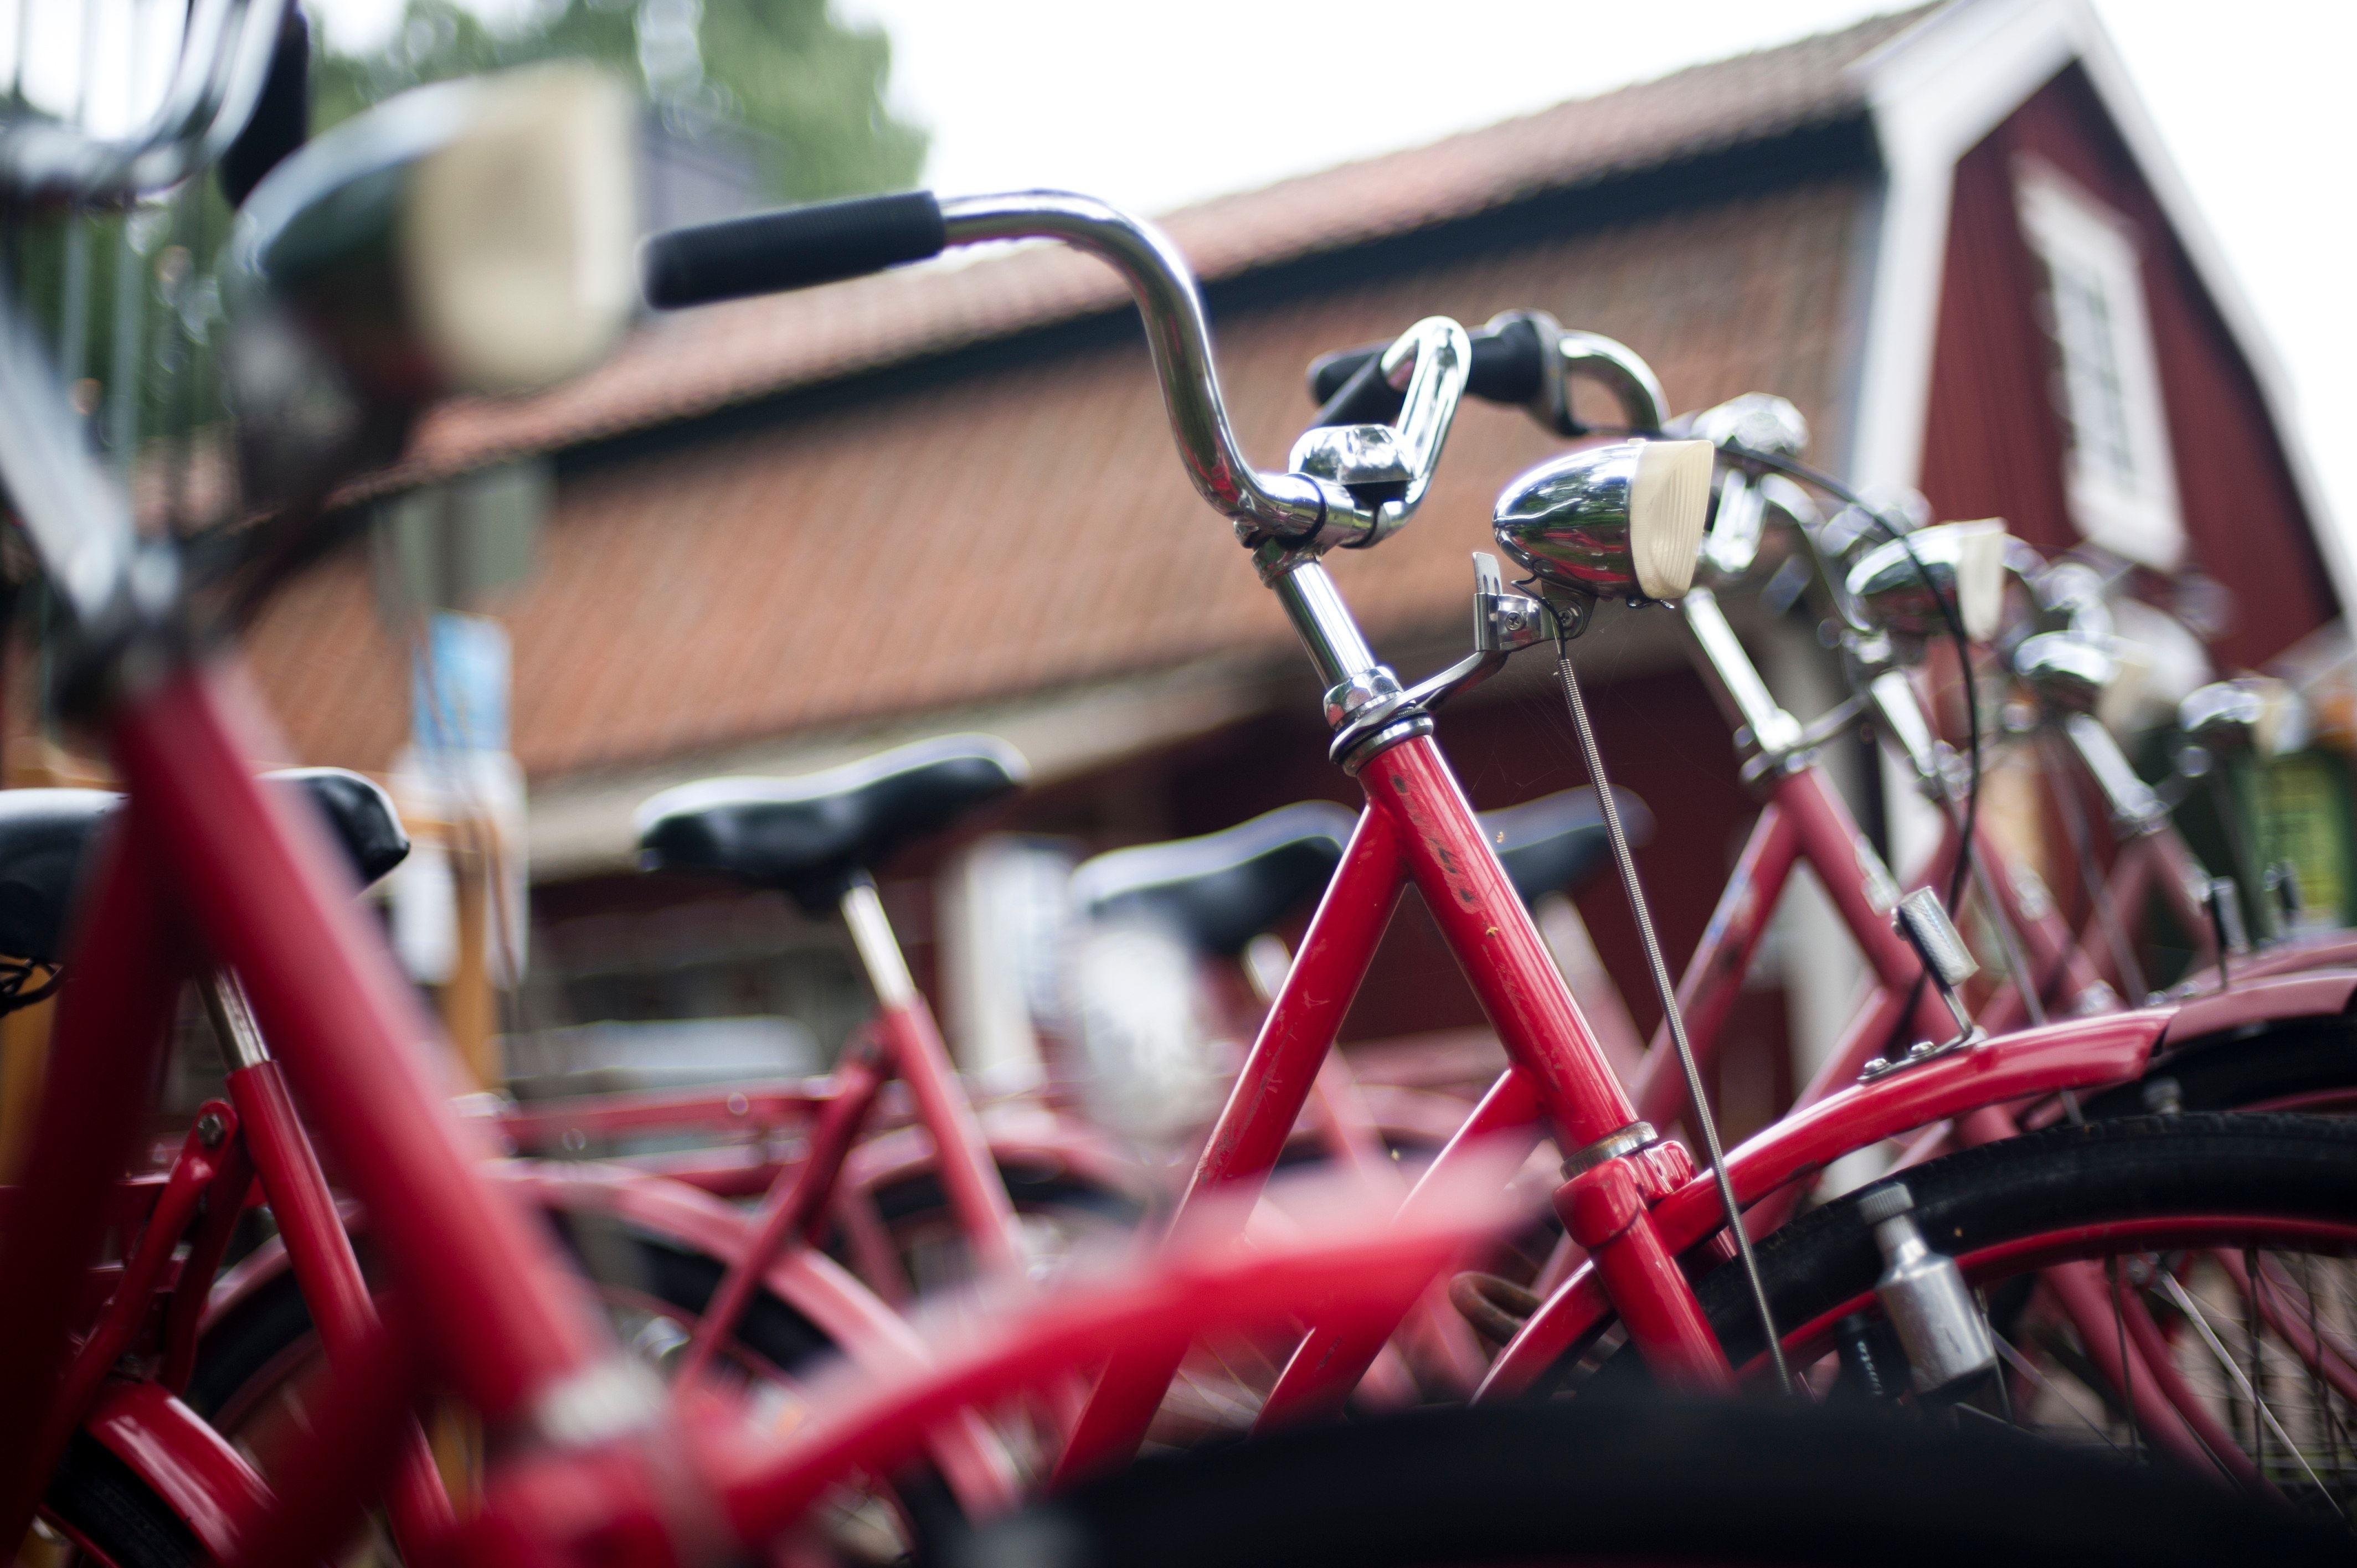 Alexander Mahmoud,  © Tingsryd Kommun, Bike rental Bosgårds stuguthyrning